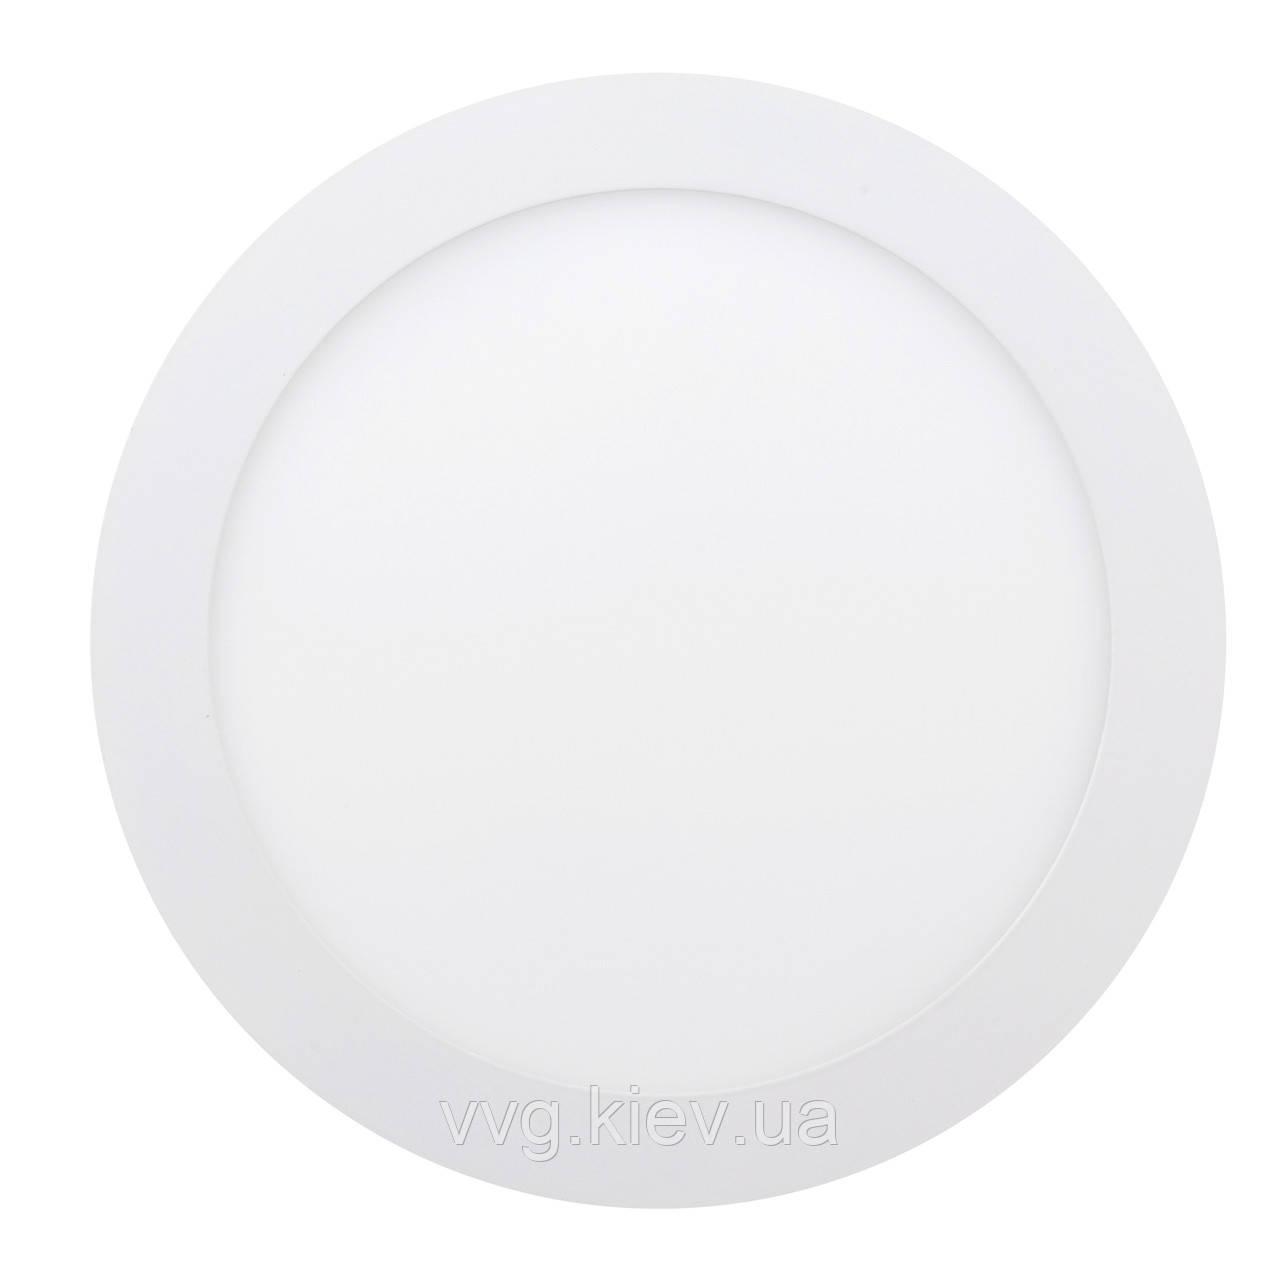 Точечный светильник встраиваемый 18W 4200К LED-R-225-18 ЕВРОСВЕТ